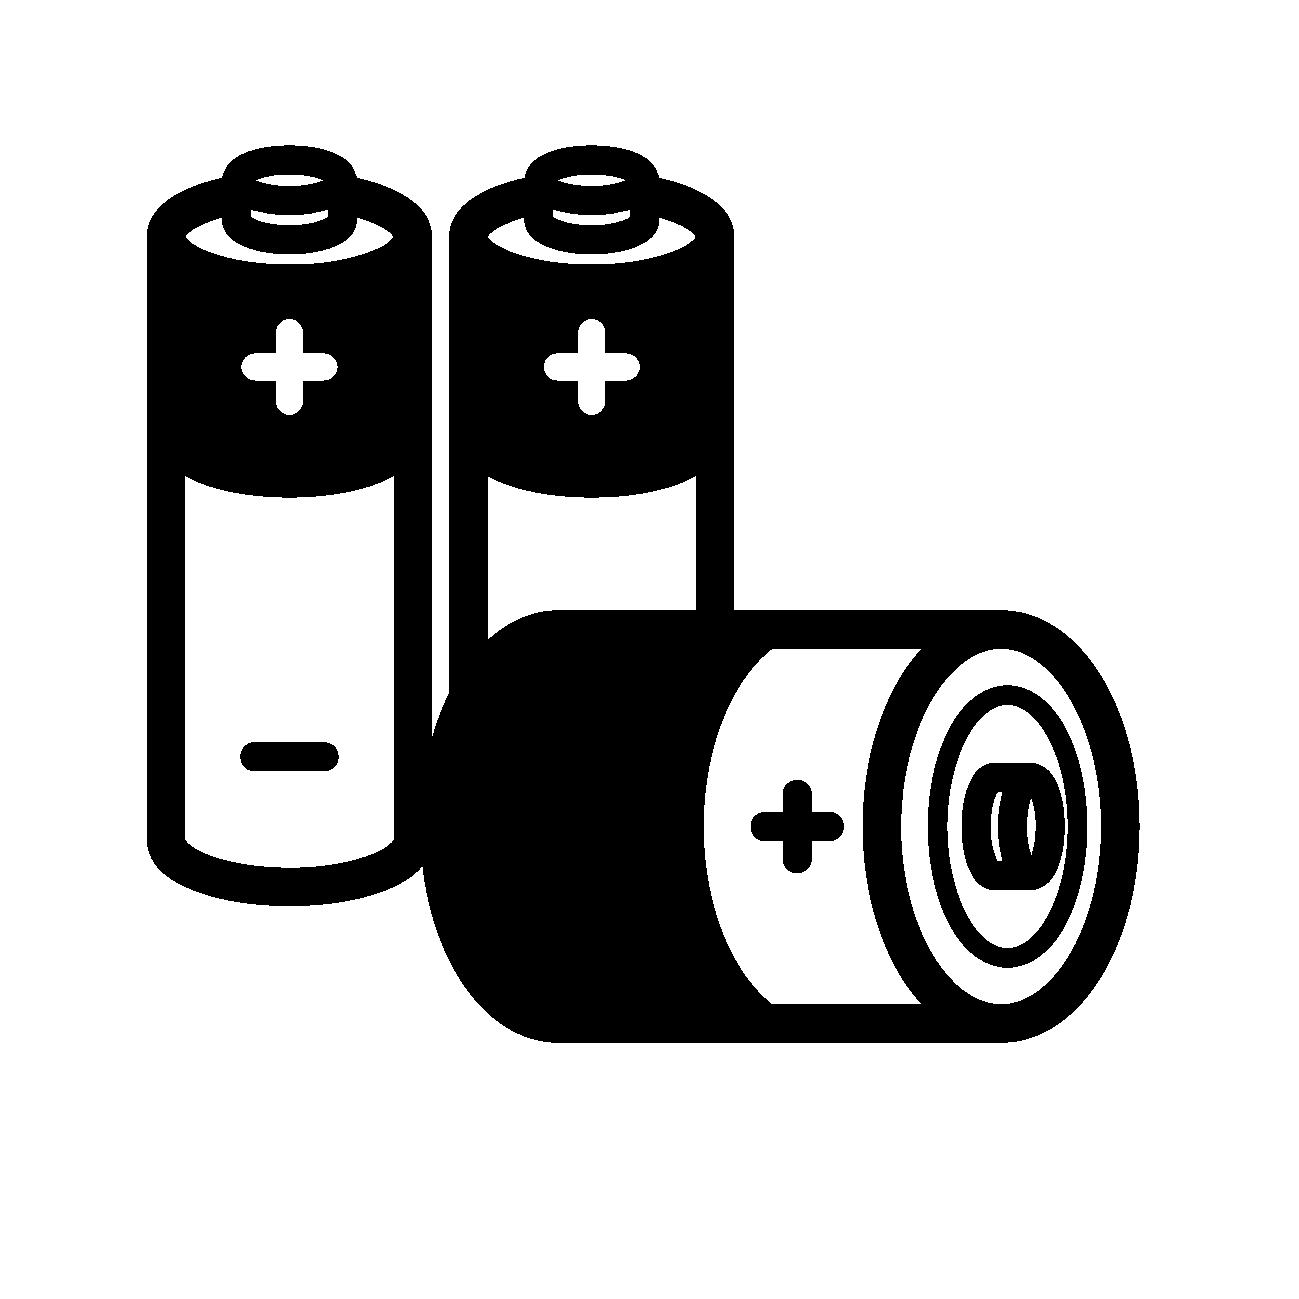 超便利!USBポートから直接充電が可能な「充電器不要!USB充電できる乾電池」